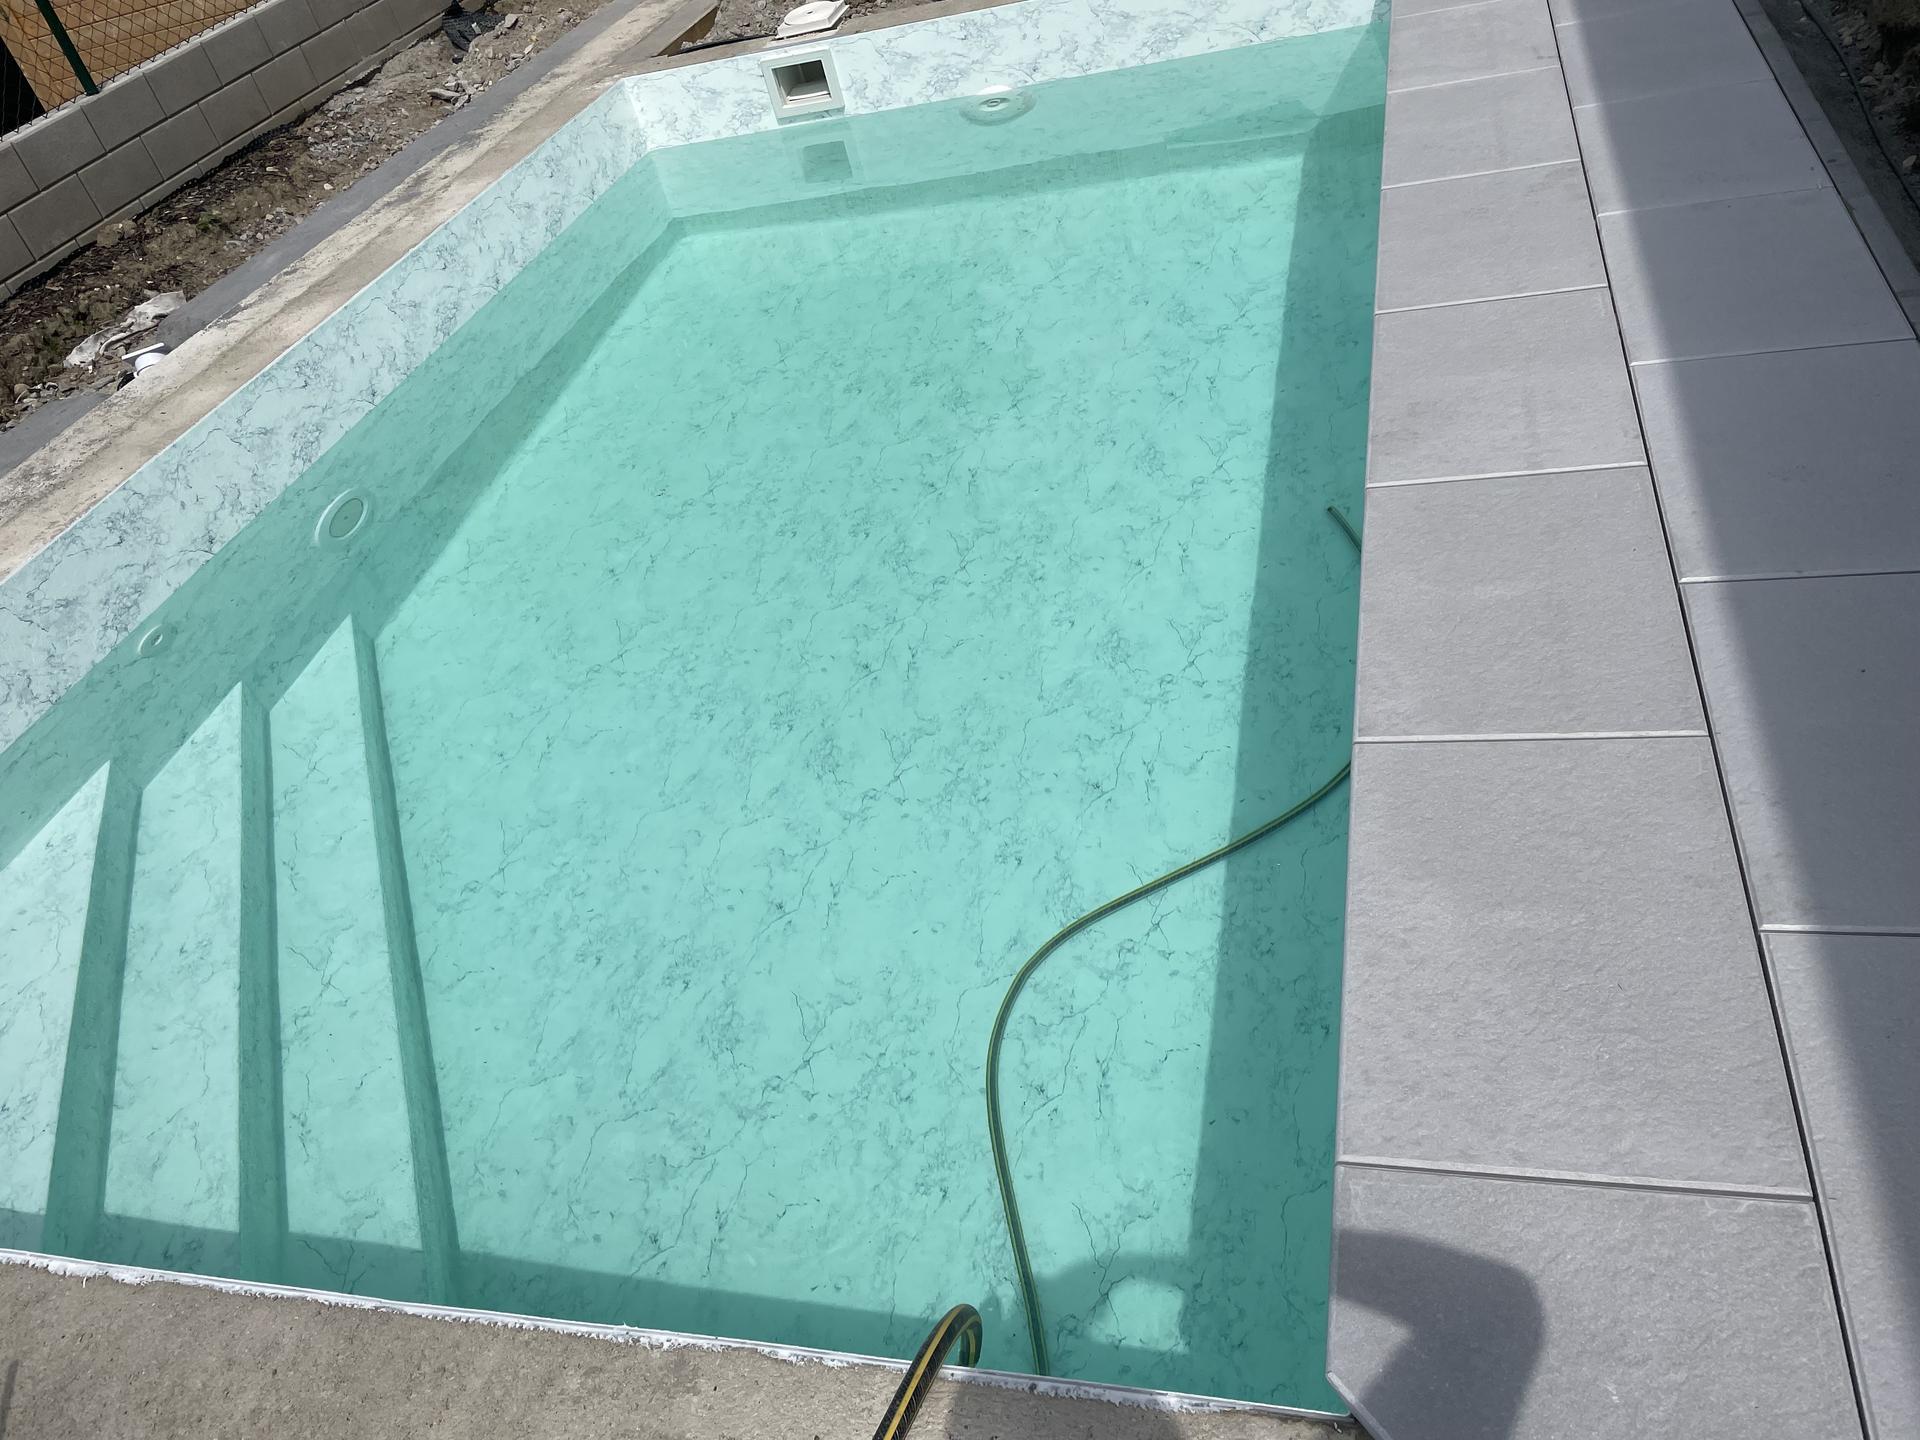 Bazén - Napouštění, bazenove lemy a dlažba zn. Top Teramo.